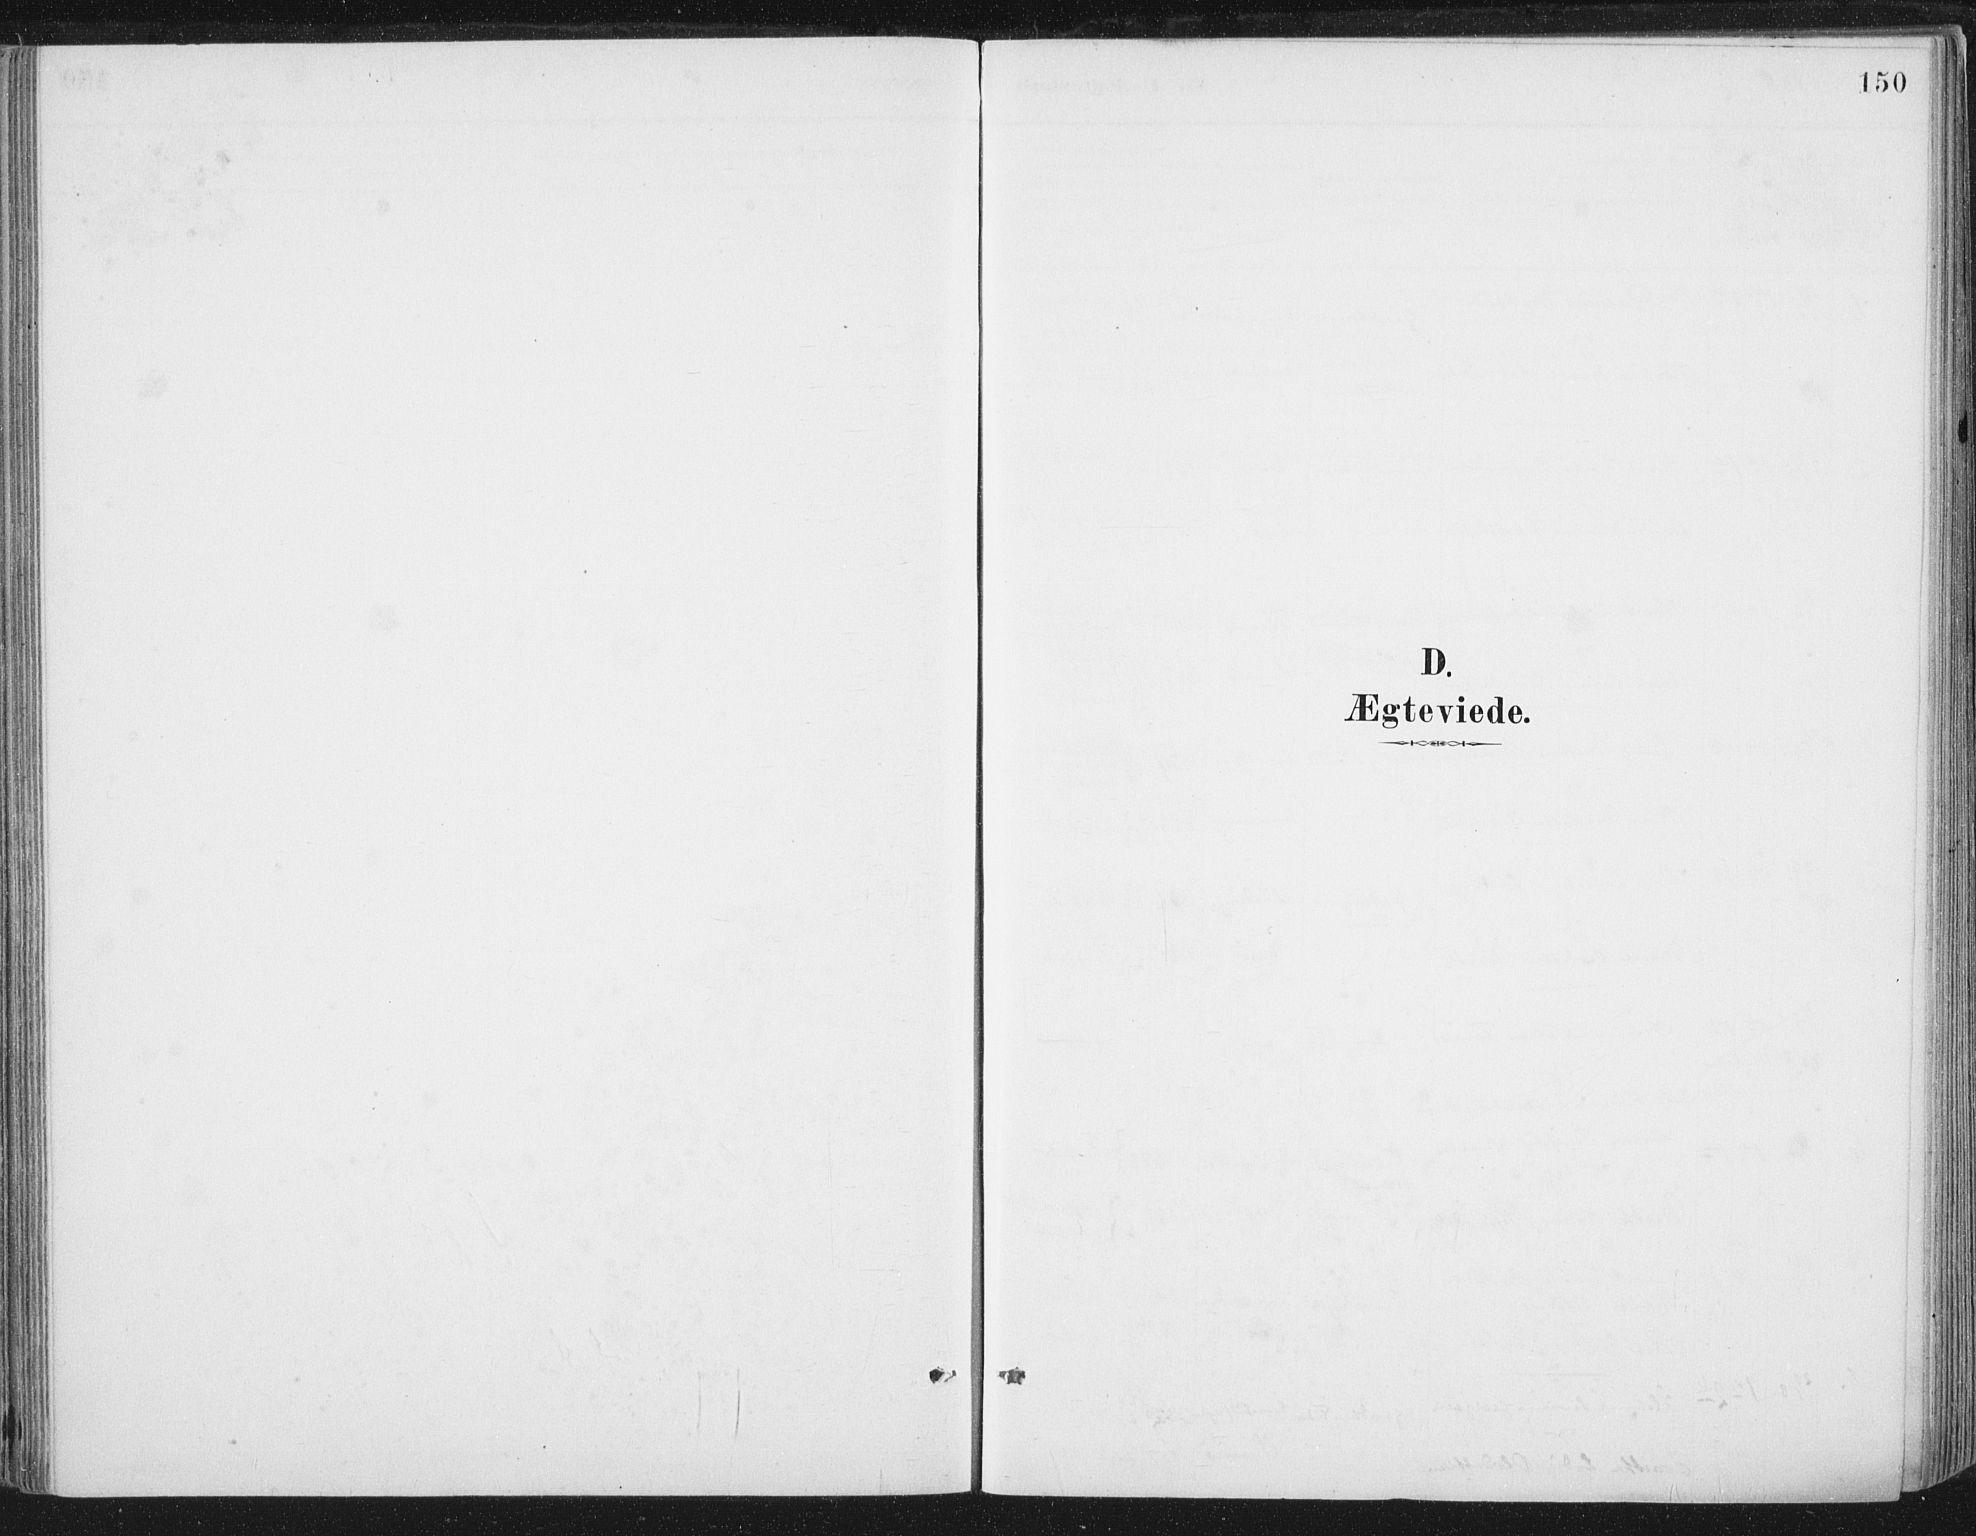 SAT, Ministerialprotokoller, klokkerbøker og fødselsregistre - Nord-Trøndelag, 784/L0673: Ministerialbok nr. 784A08, 1888-1899, s. 150